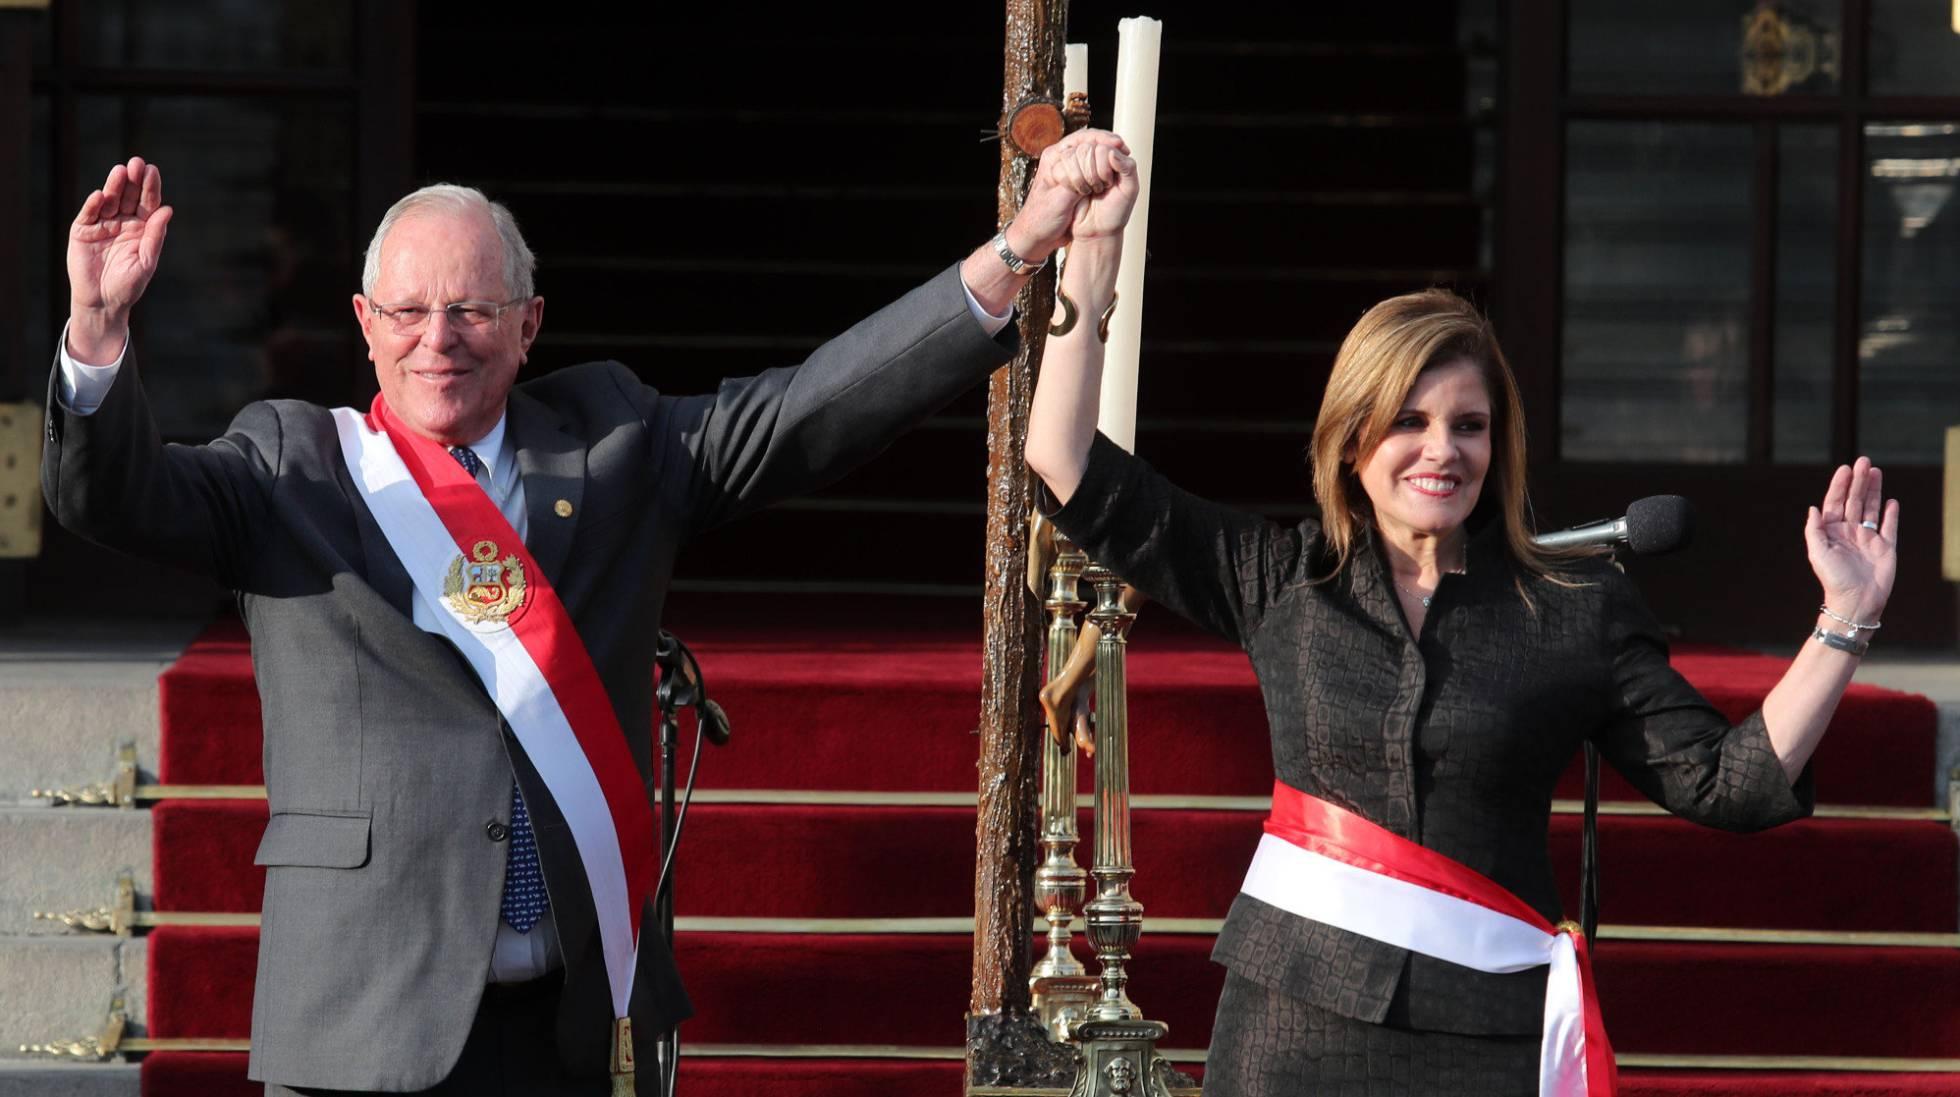 Voto de censura fuerza reorganización de gabinete ministerial en Perú